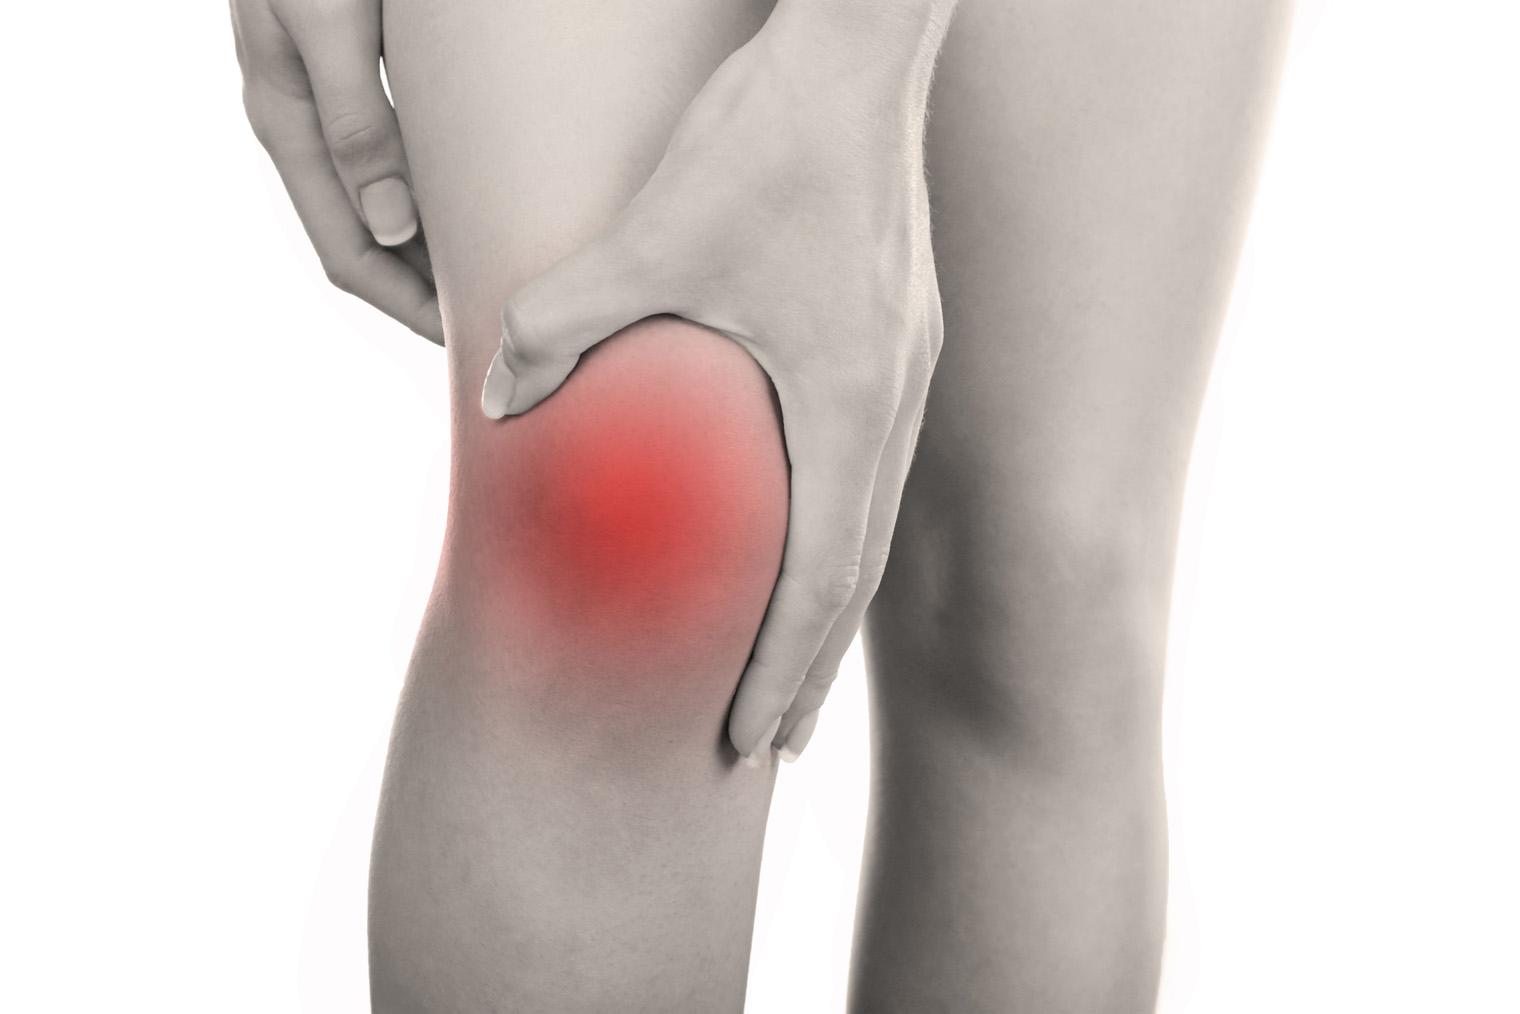 Rupture des ligaments croisés : symptômes